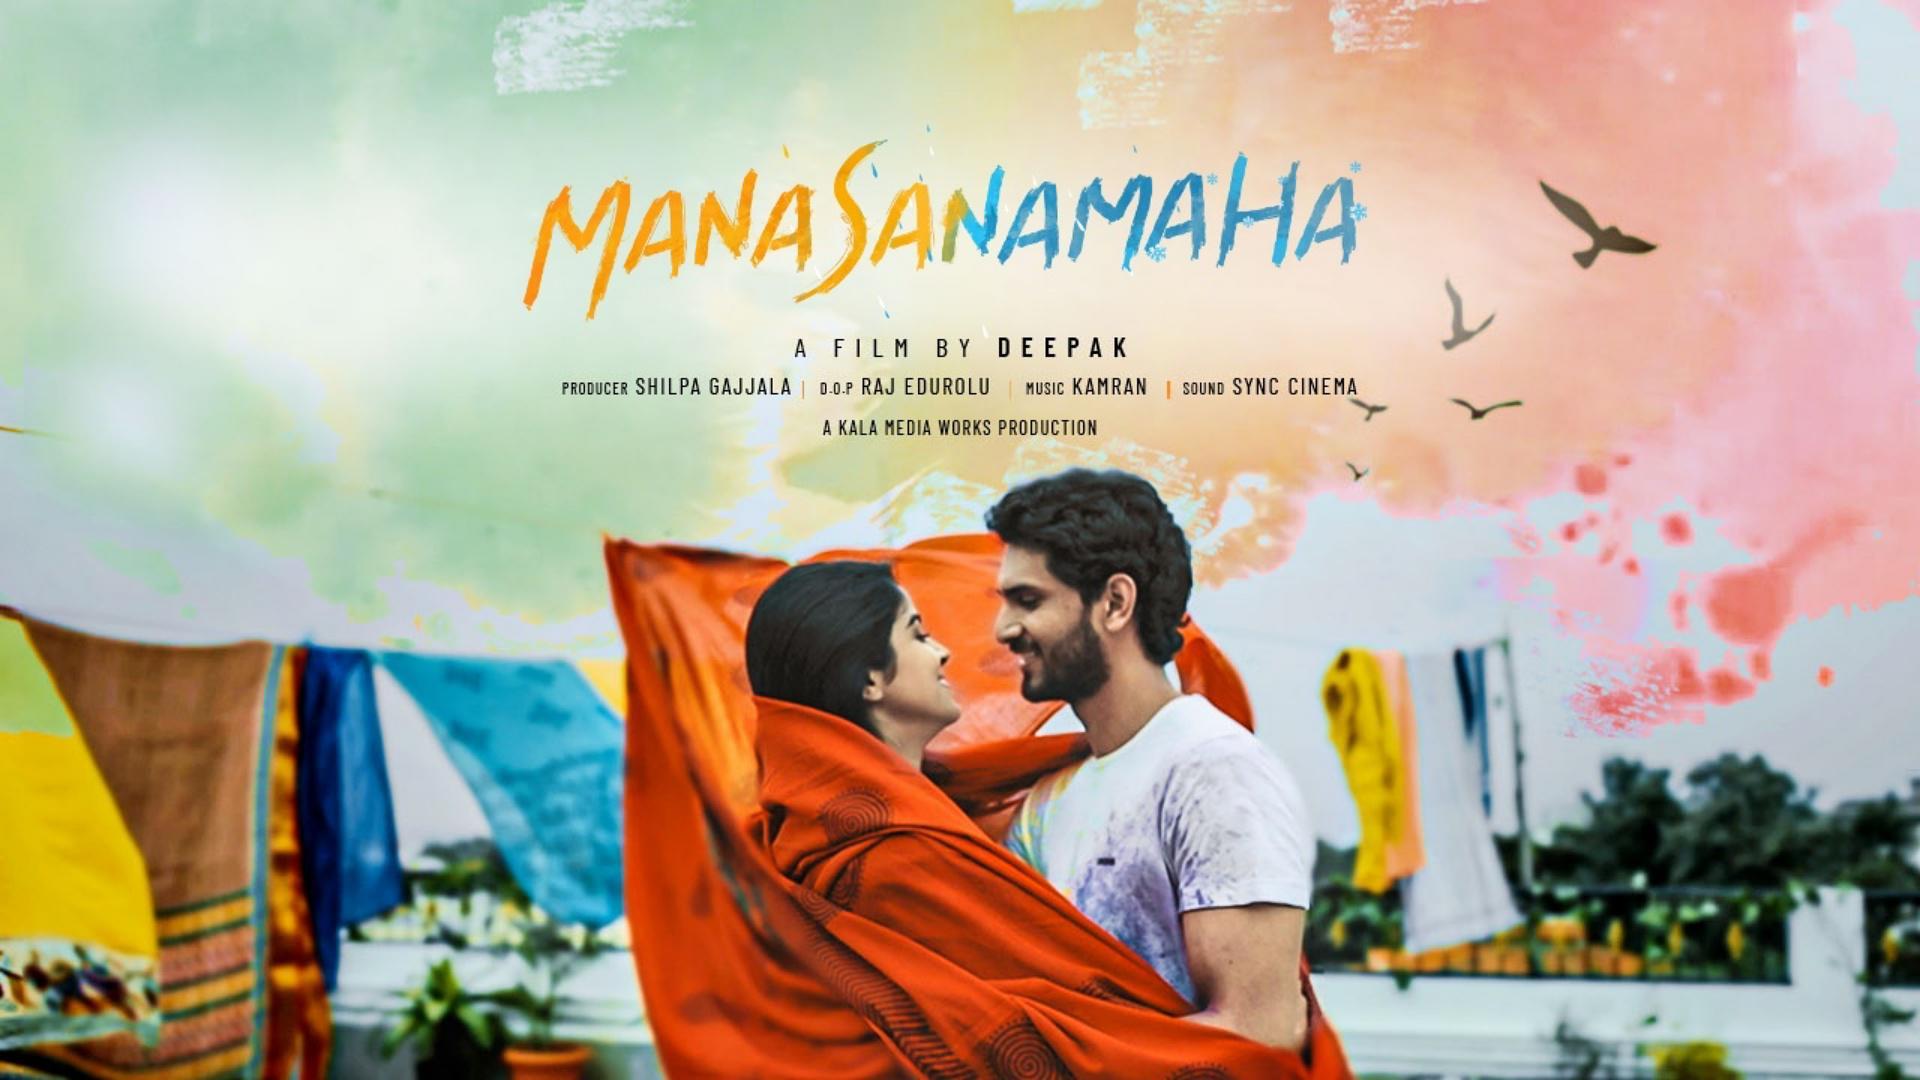 Manasanamaha